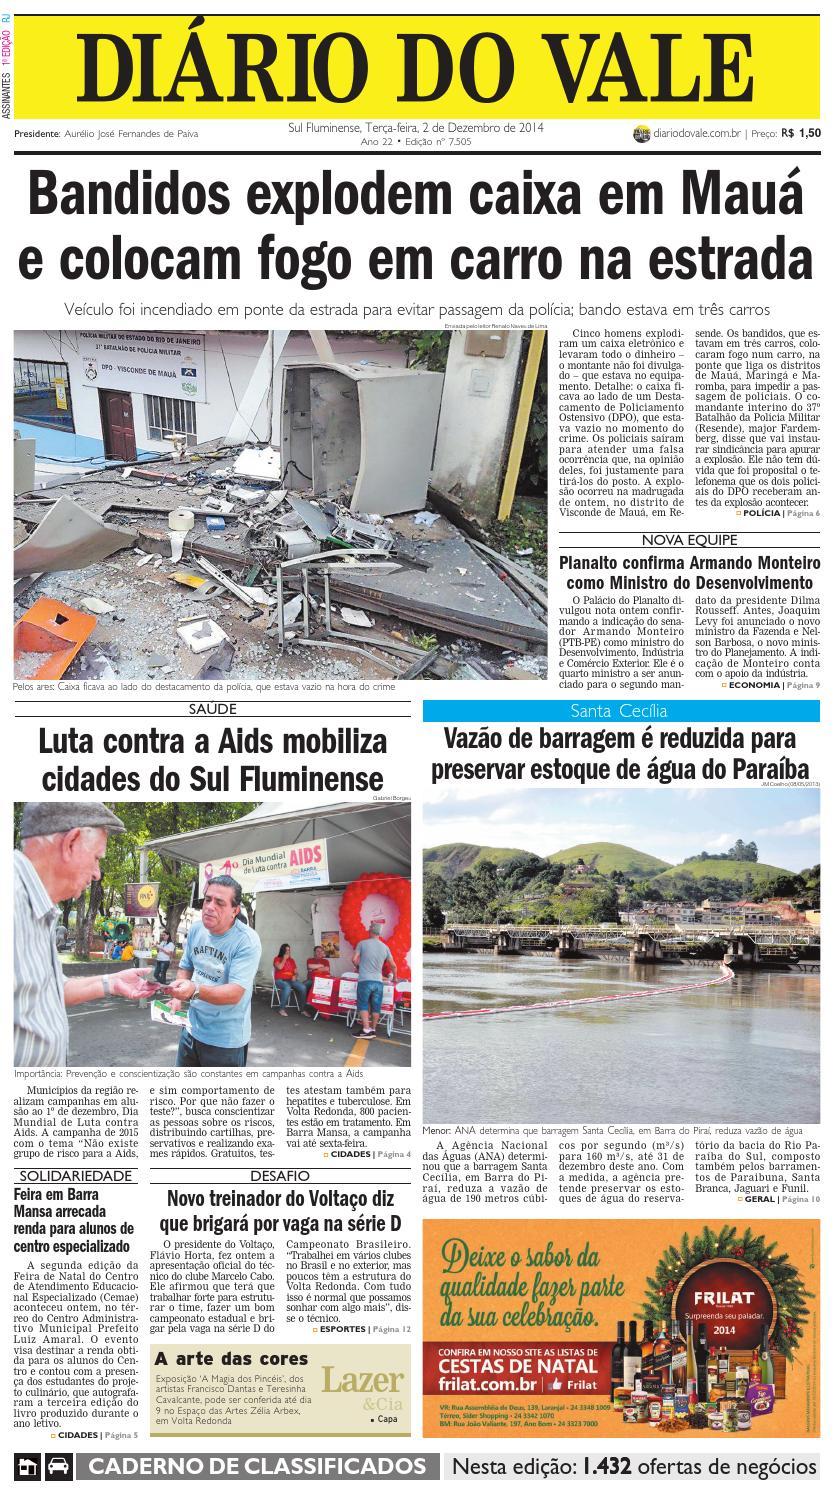 297c475425e29 7505 diario terca feira 02 12 2014 by Diário do Vale - issuu